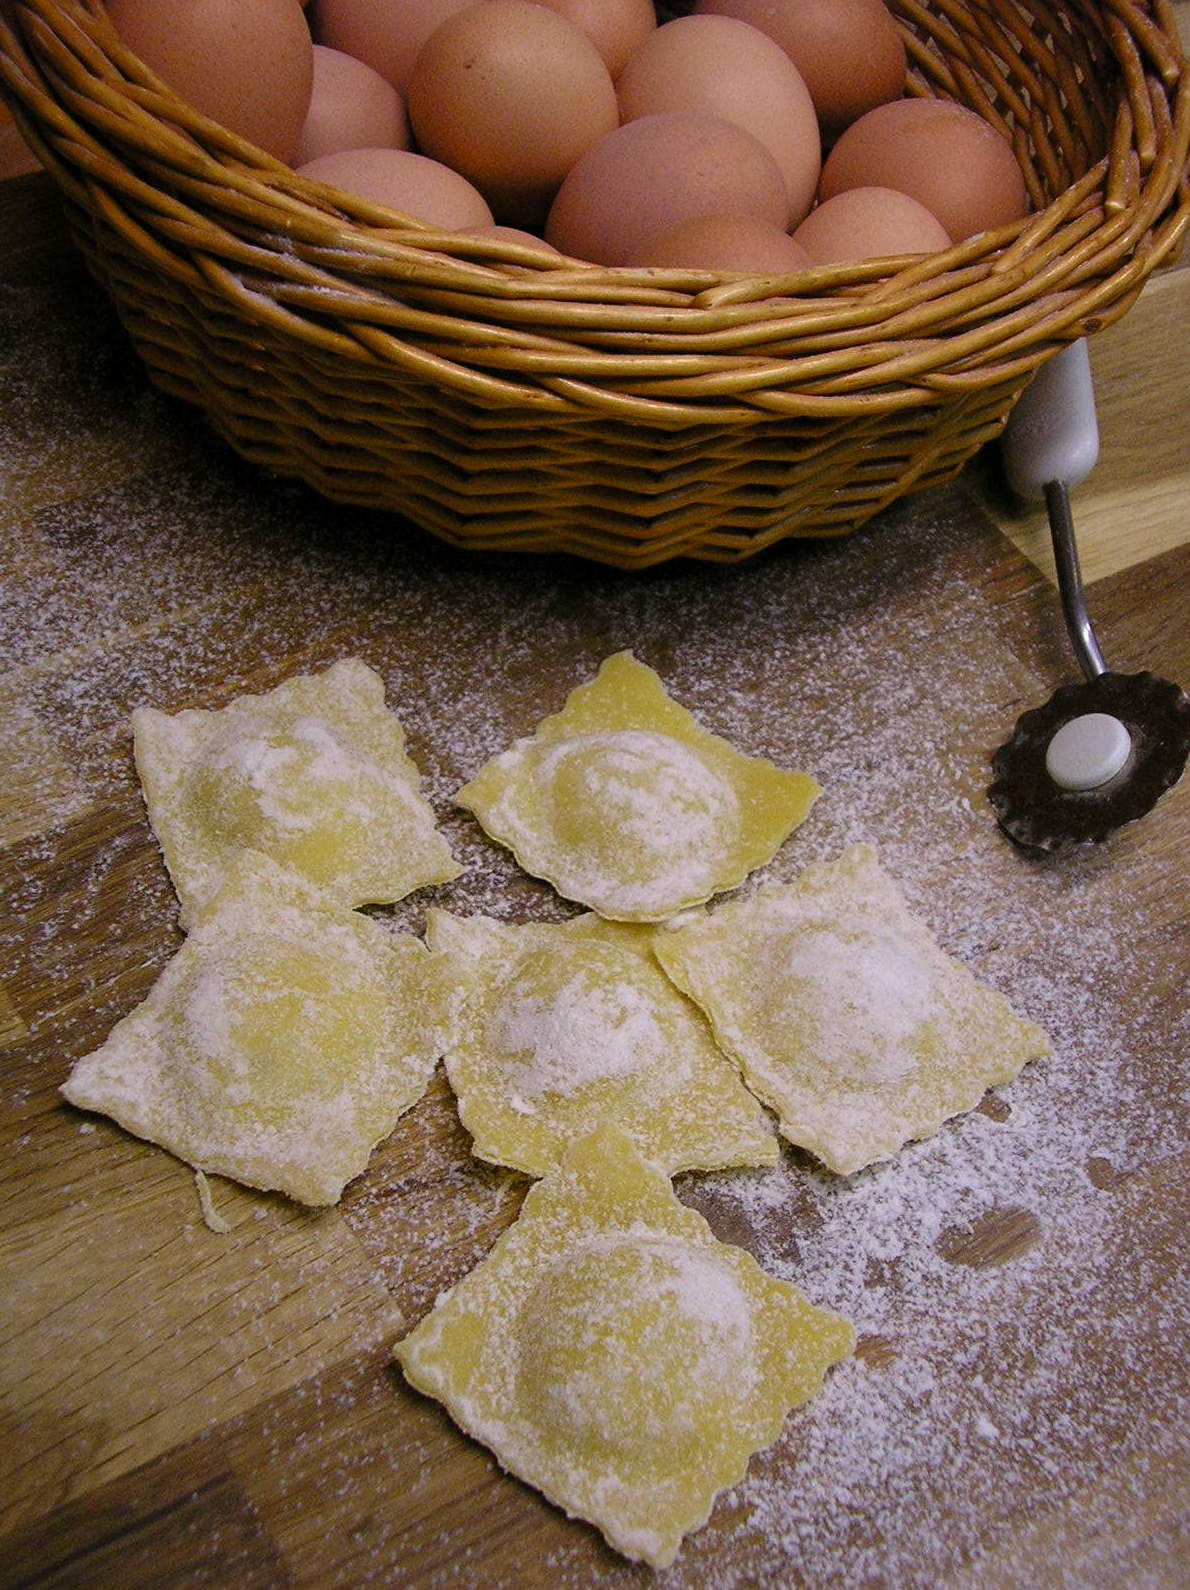 Ravioles frescos de provolone y cebolla confitada: Nuestros productos de La Pastaia